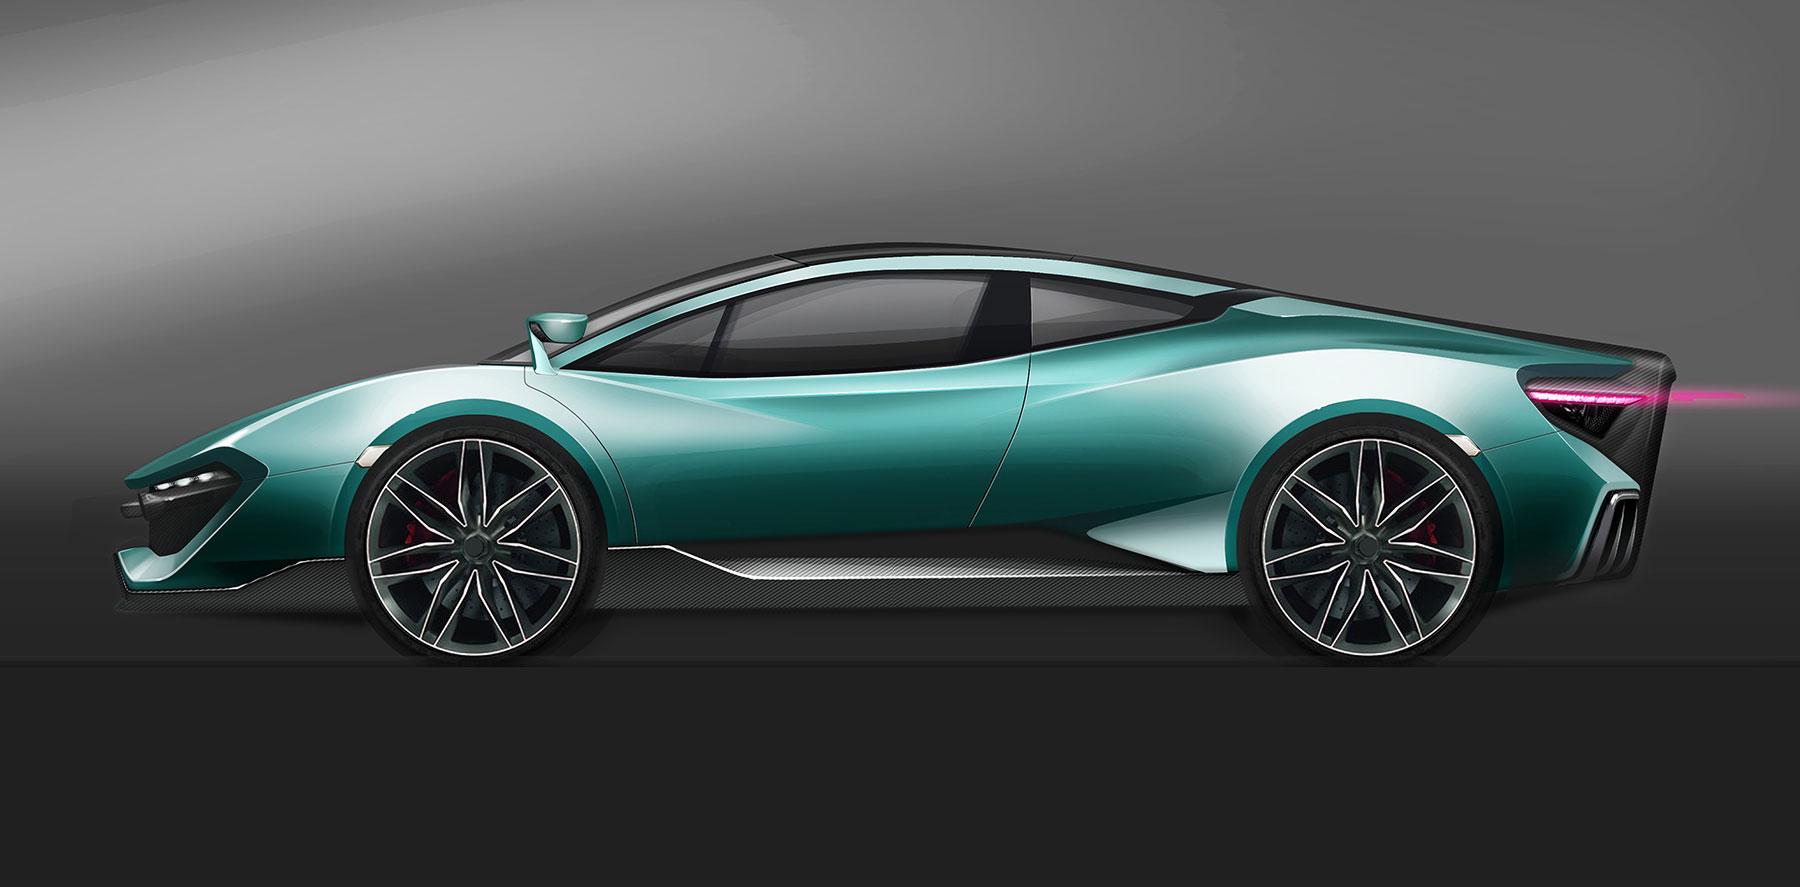 2015-Torino-Design-ATS-Wildtwelve-Design-Sketch-02